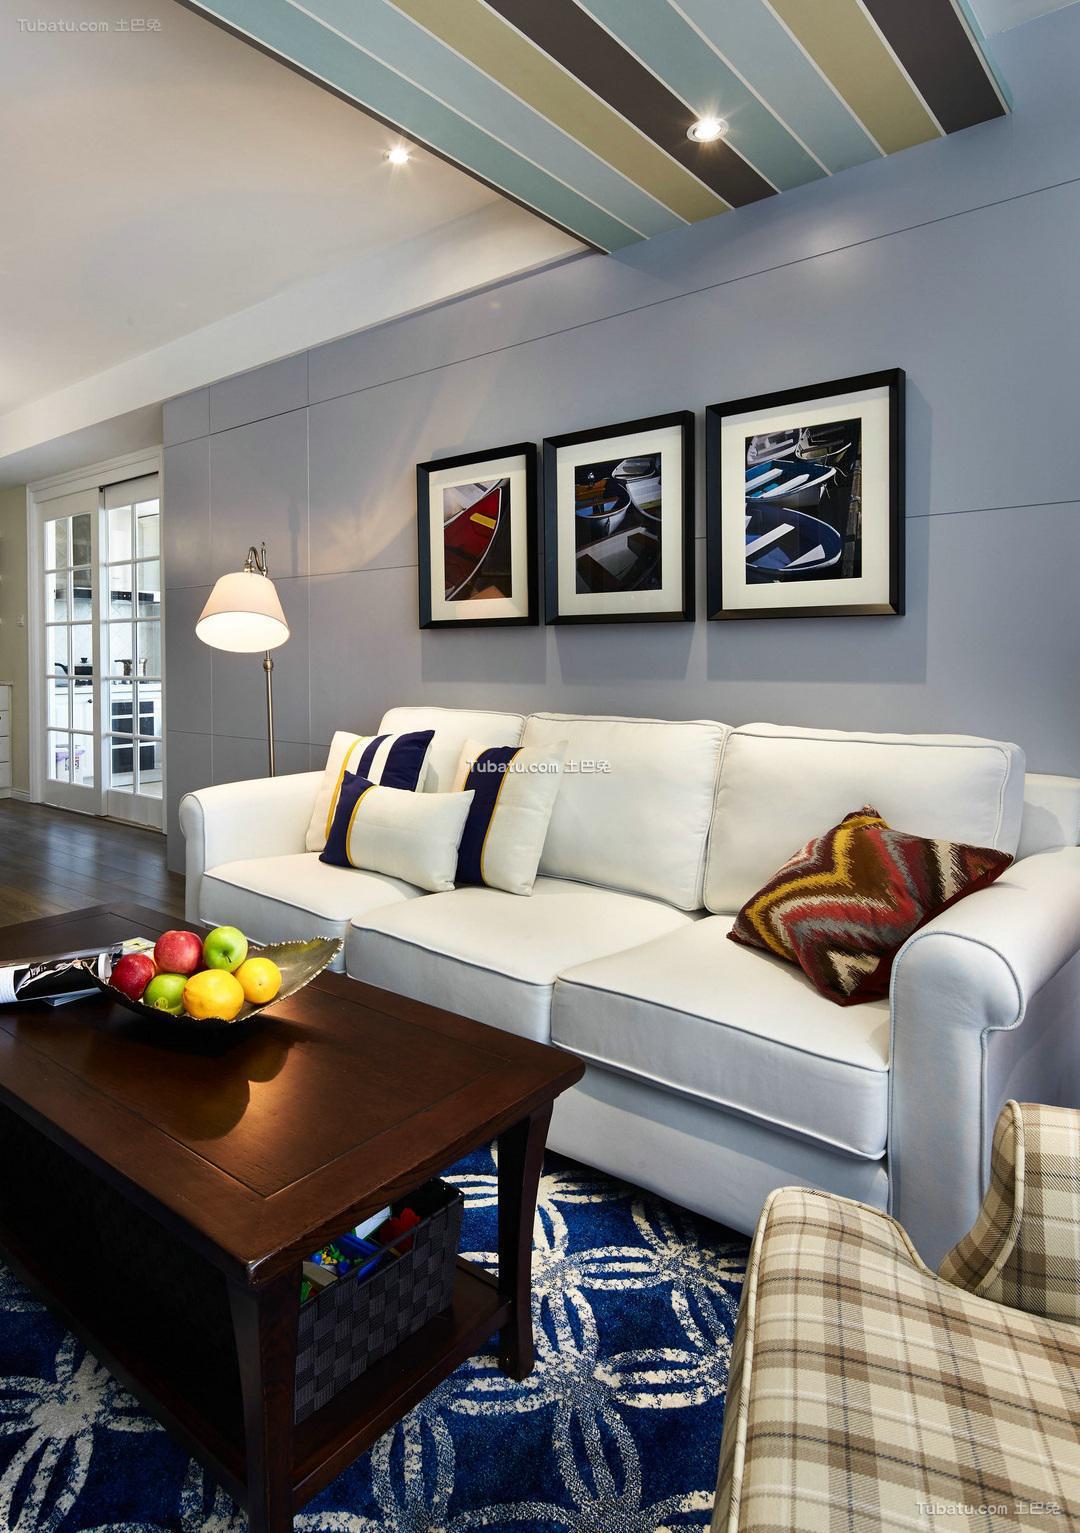 美式简约客厅家居装饰效果图